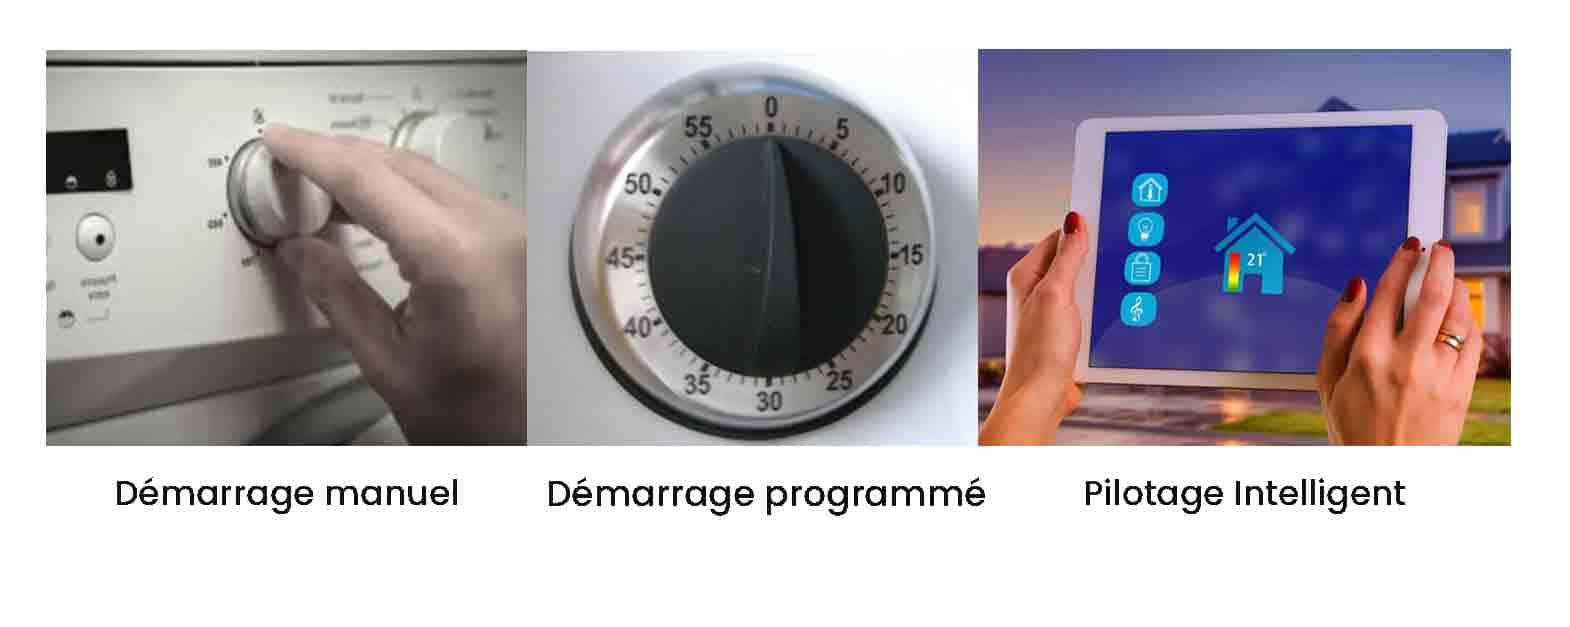 Passez à l'autoconsommation photovoltaïque pour faire des économies d'énergie